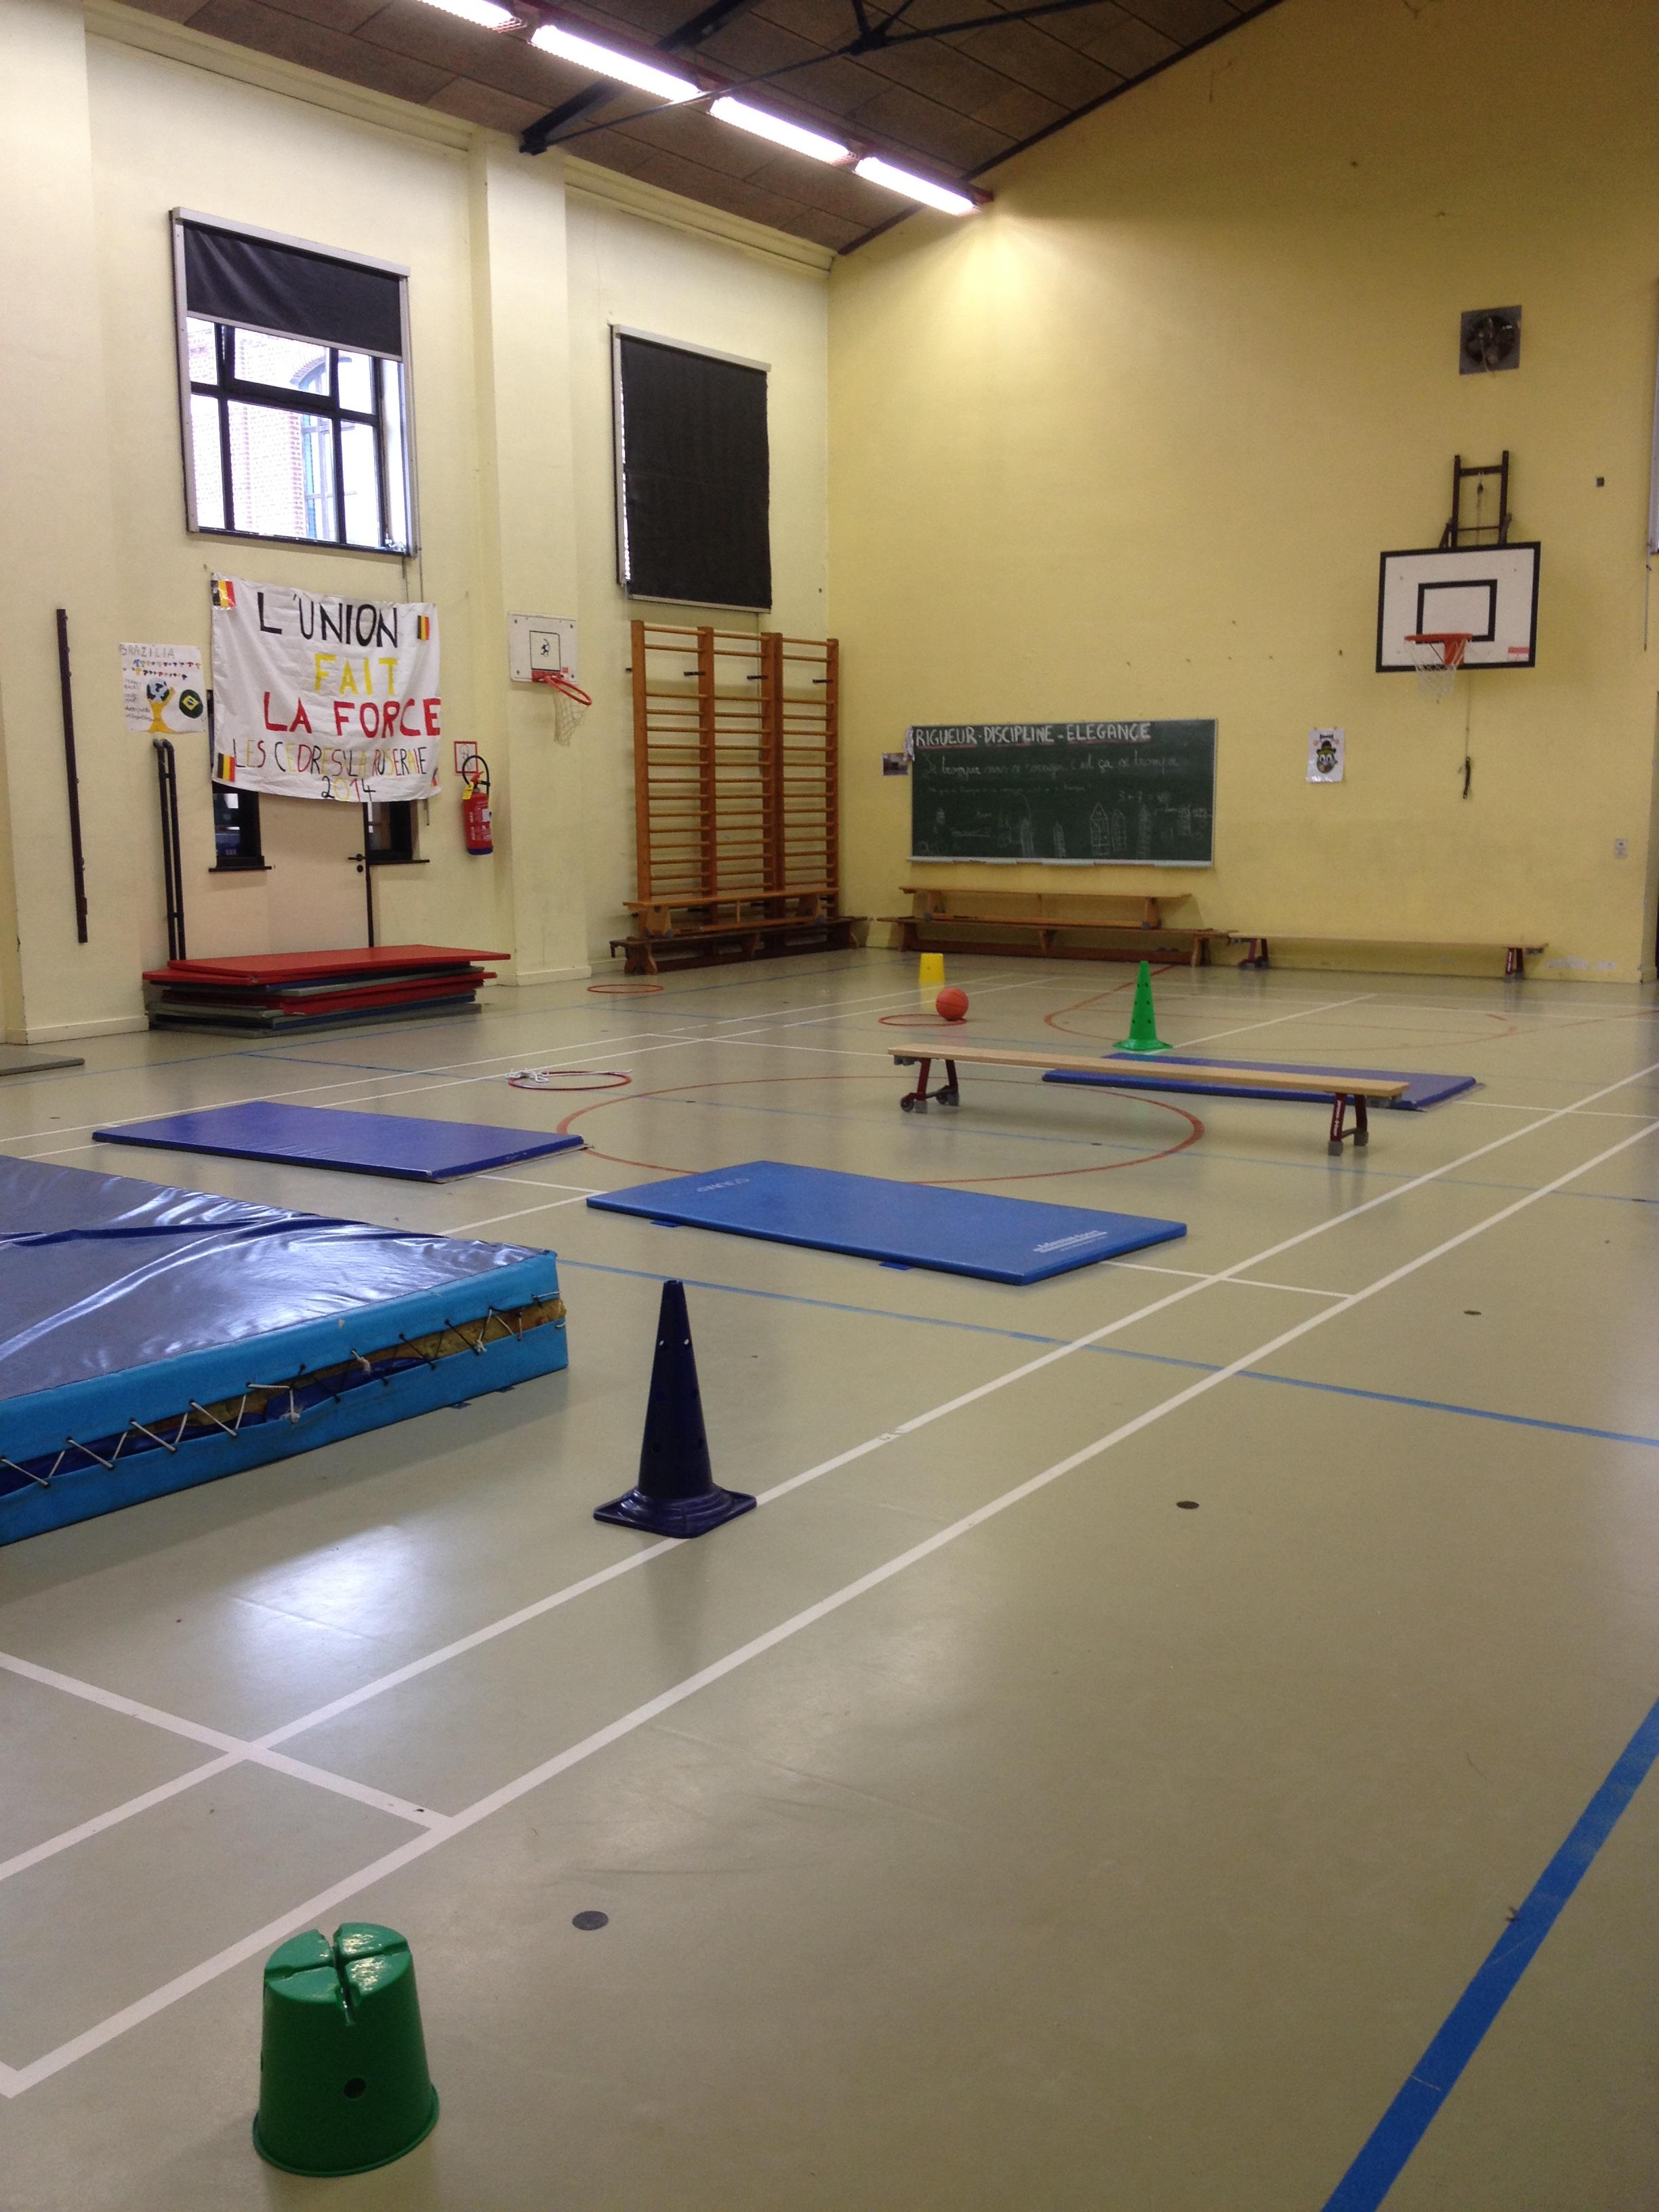 La salle de gymnastique